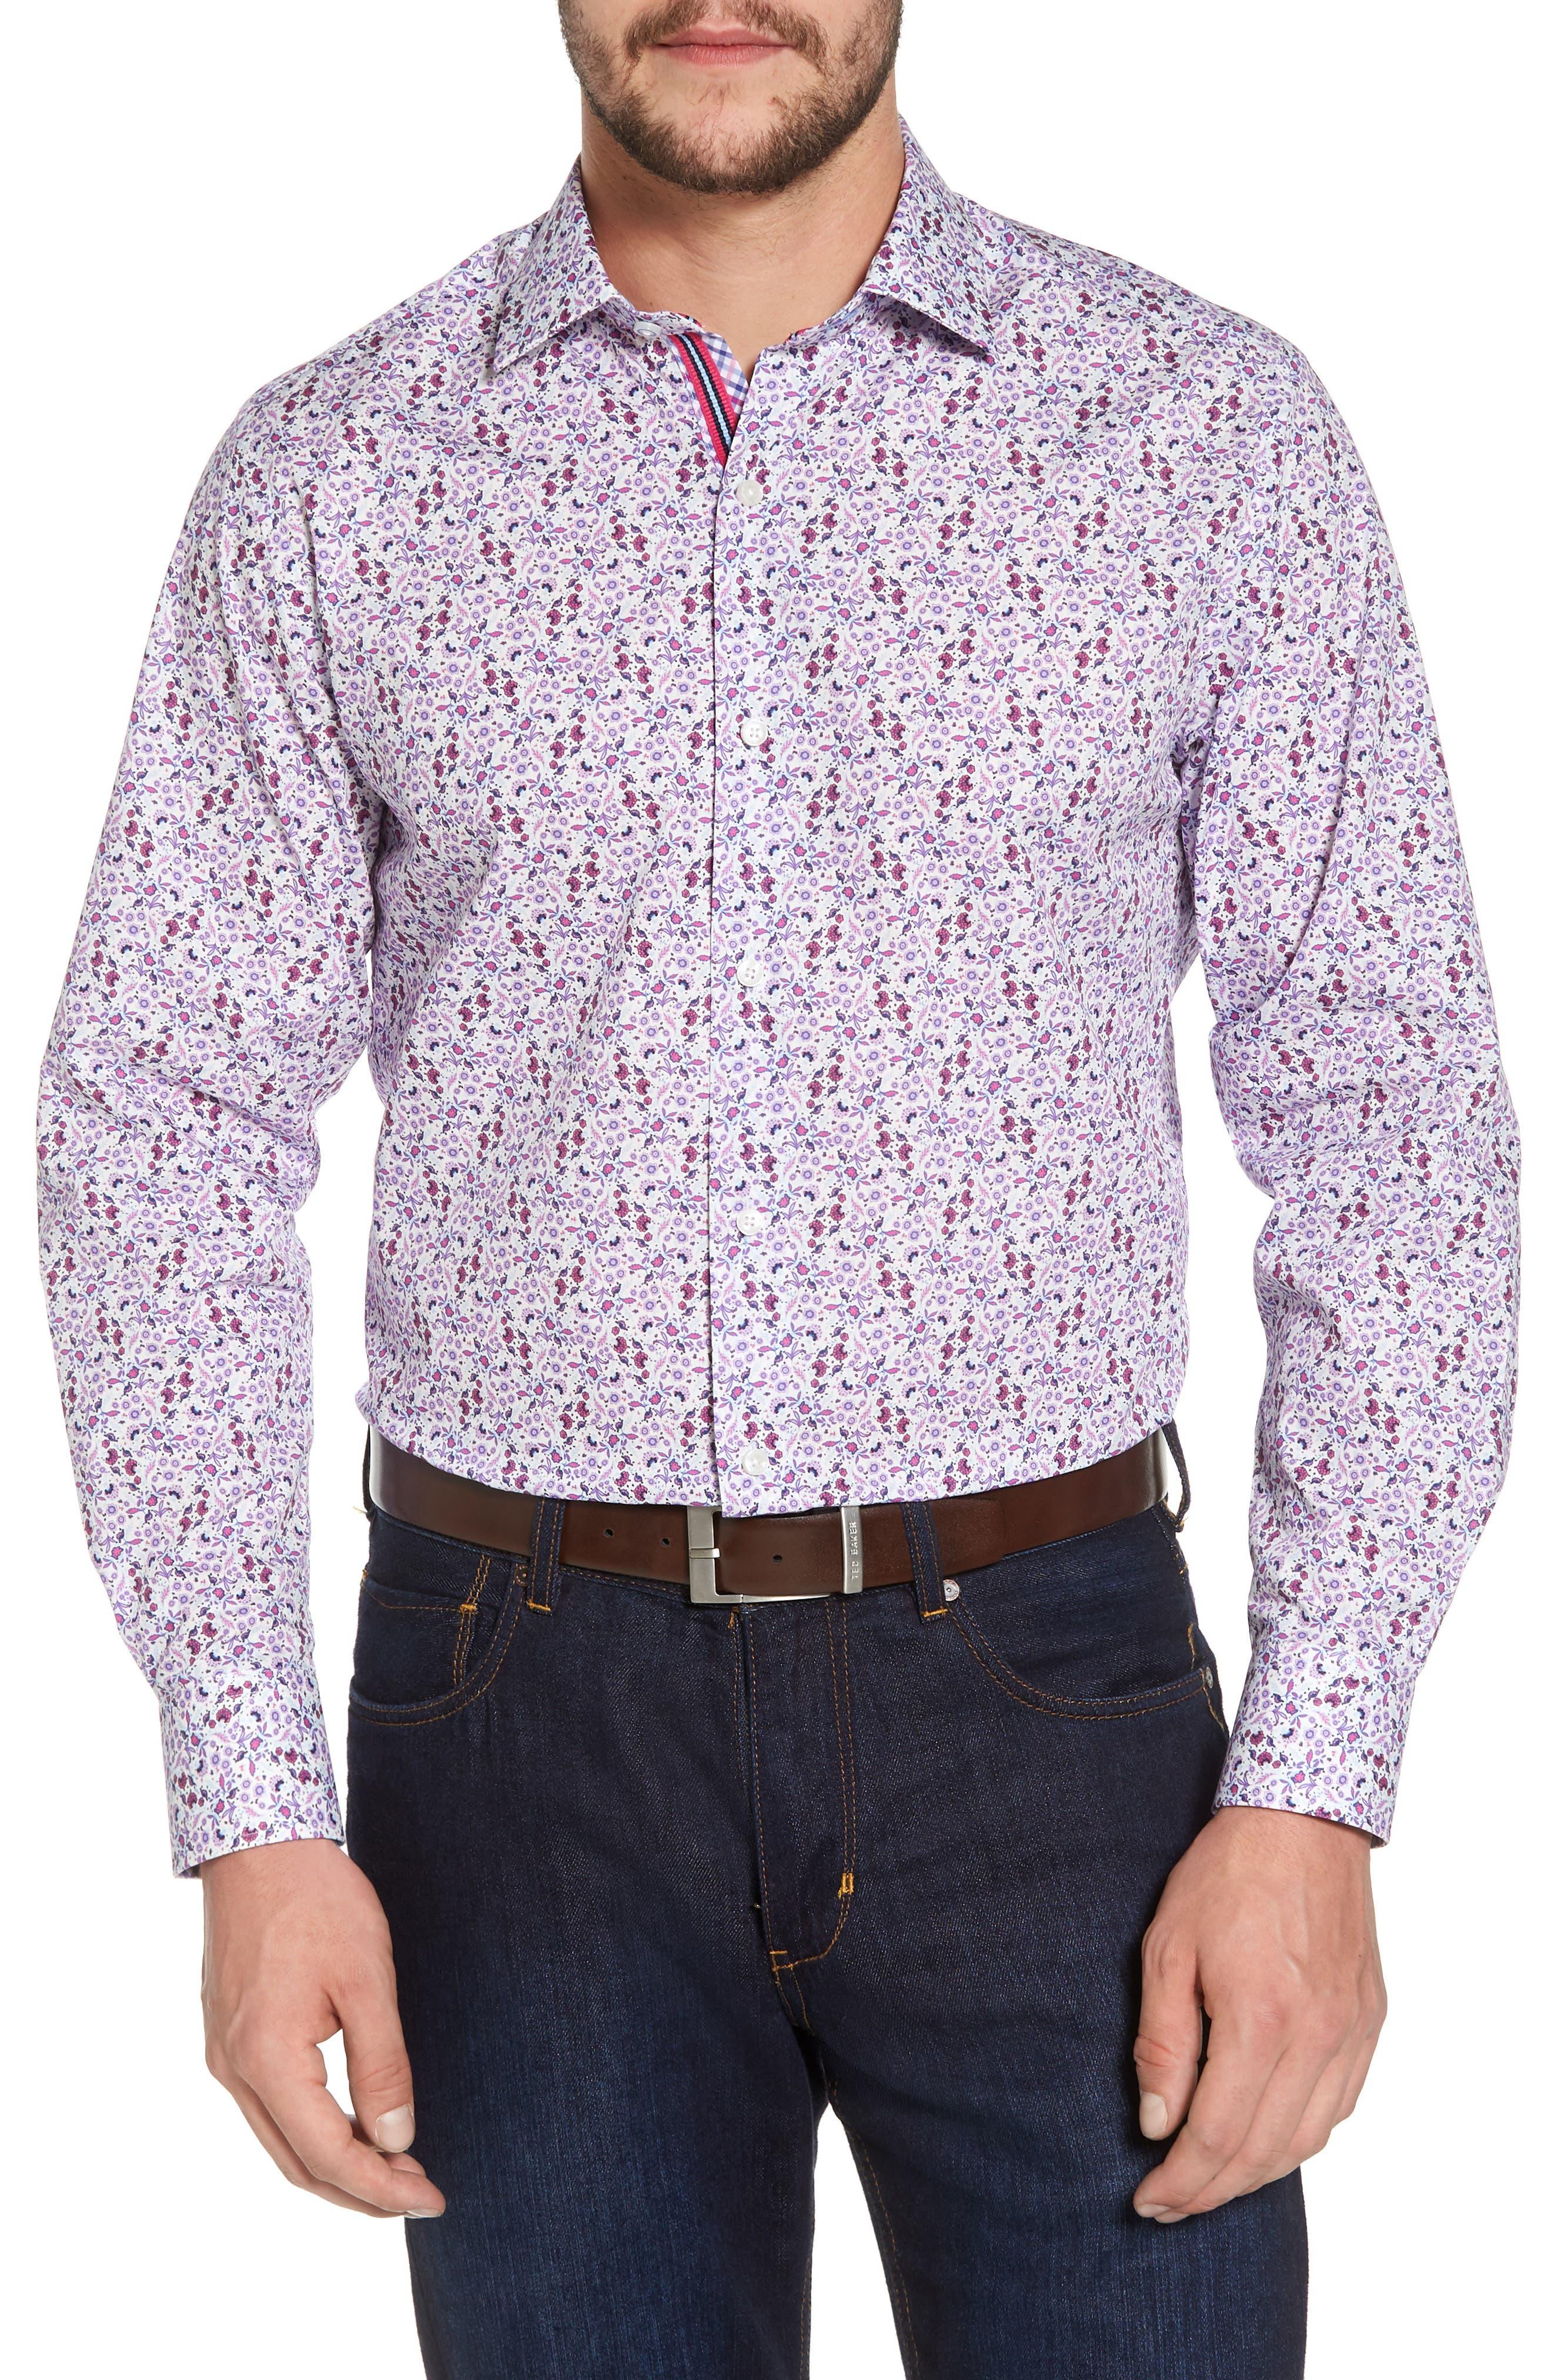 Kaj Regular Fit Floral Print Sport Shirt,                             Main thumbnail 1, color,                             Fuchsia